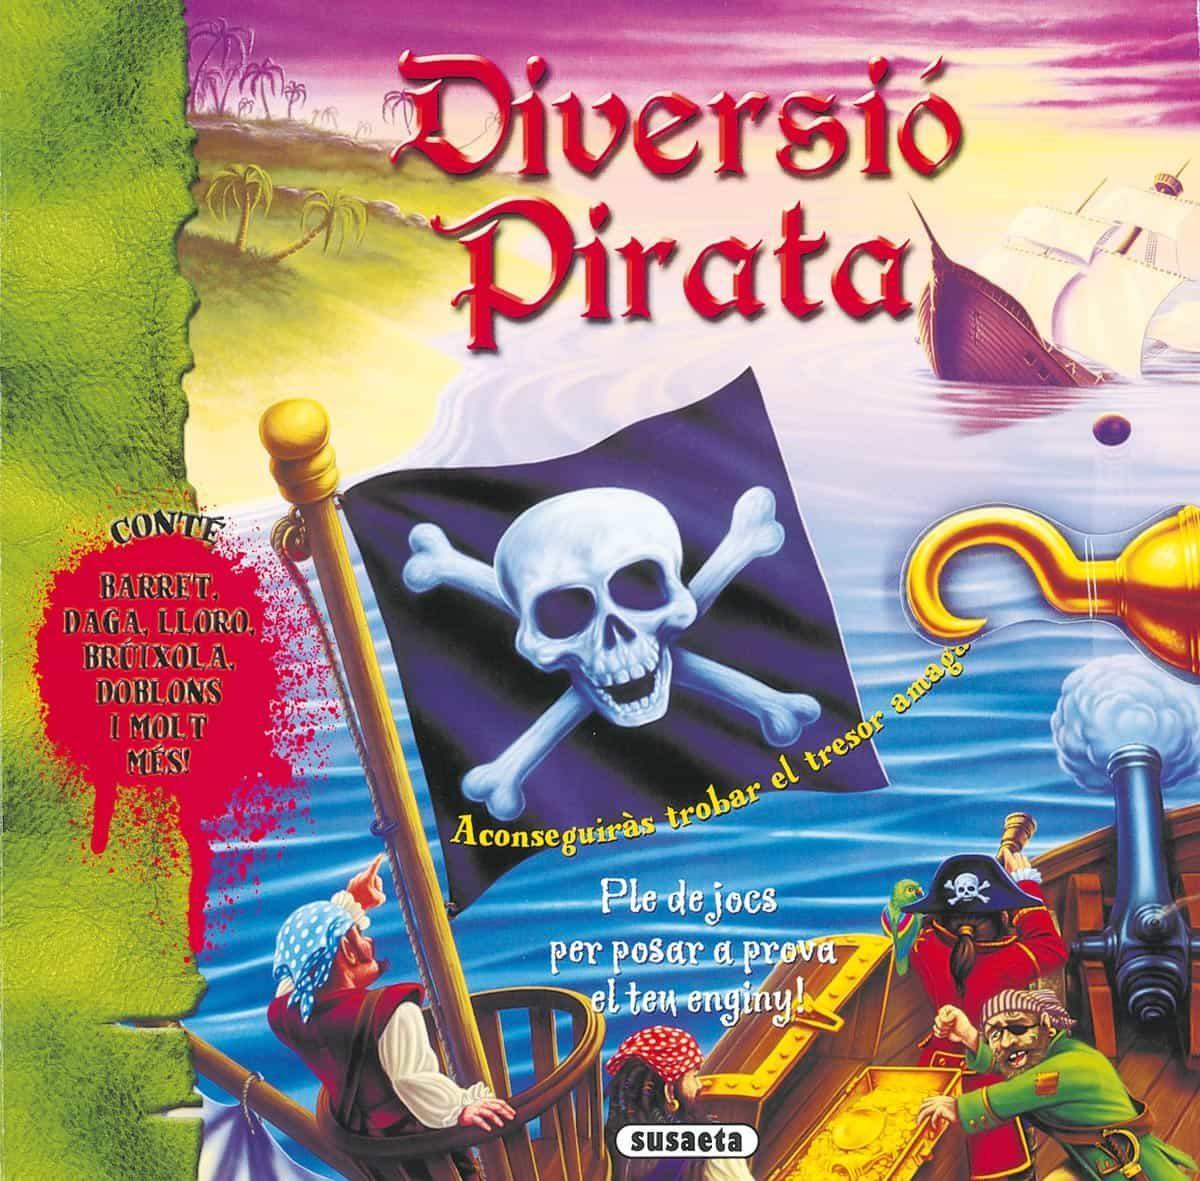 Diversió Pirata (viu La Fantasia) - Vv.aa.